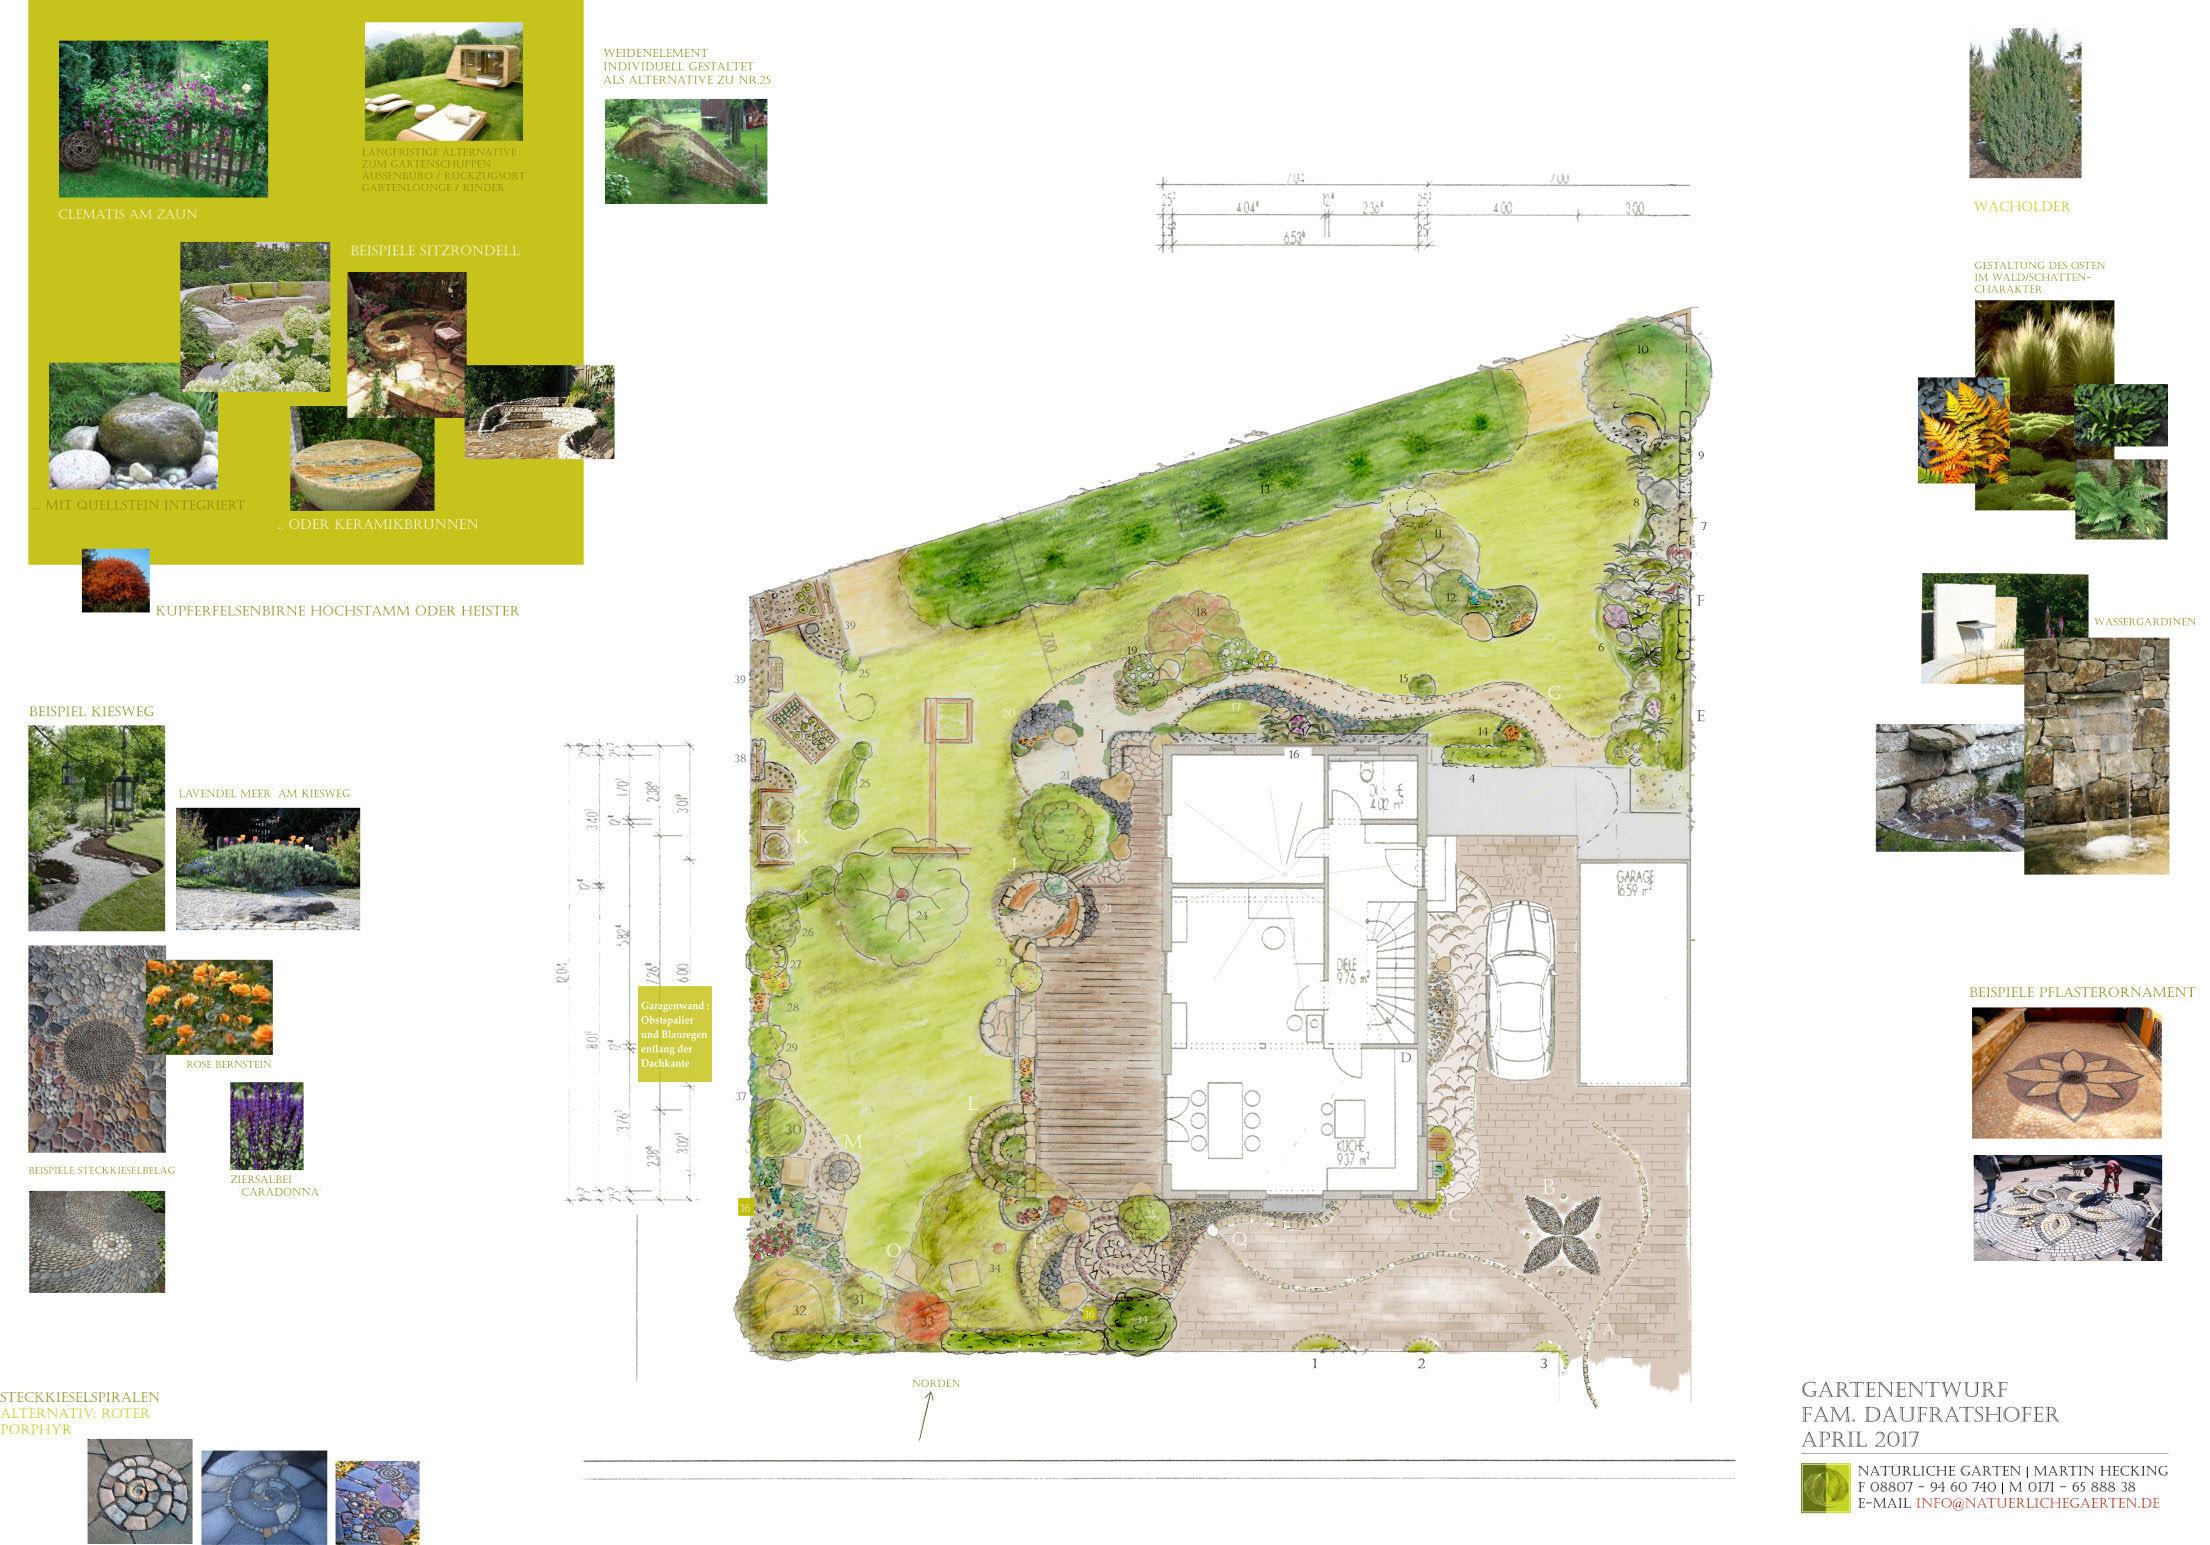 Gartenplanung - Natürliche Gärten - Gartenplanung und ...